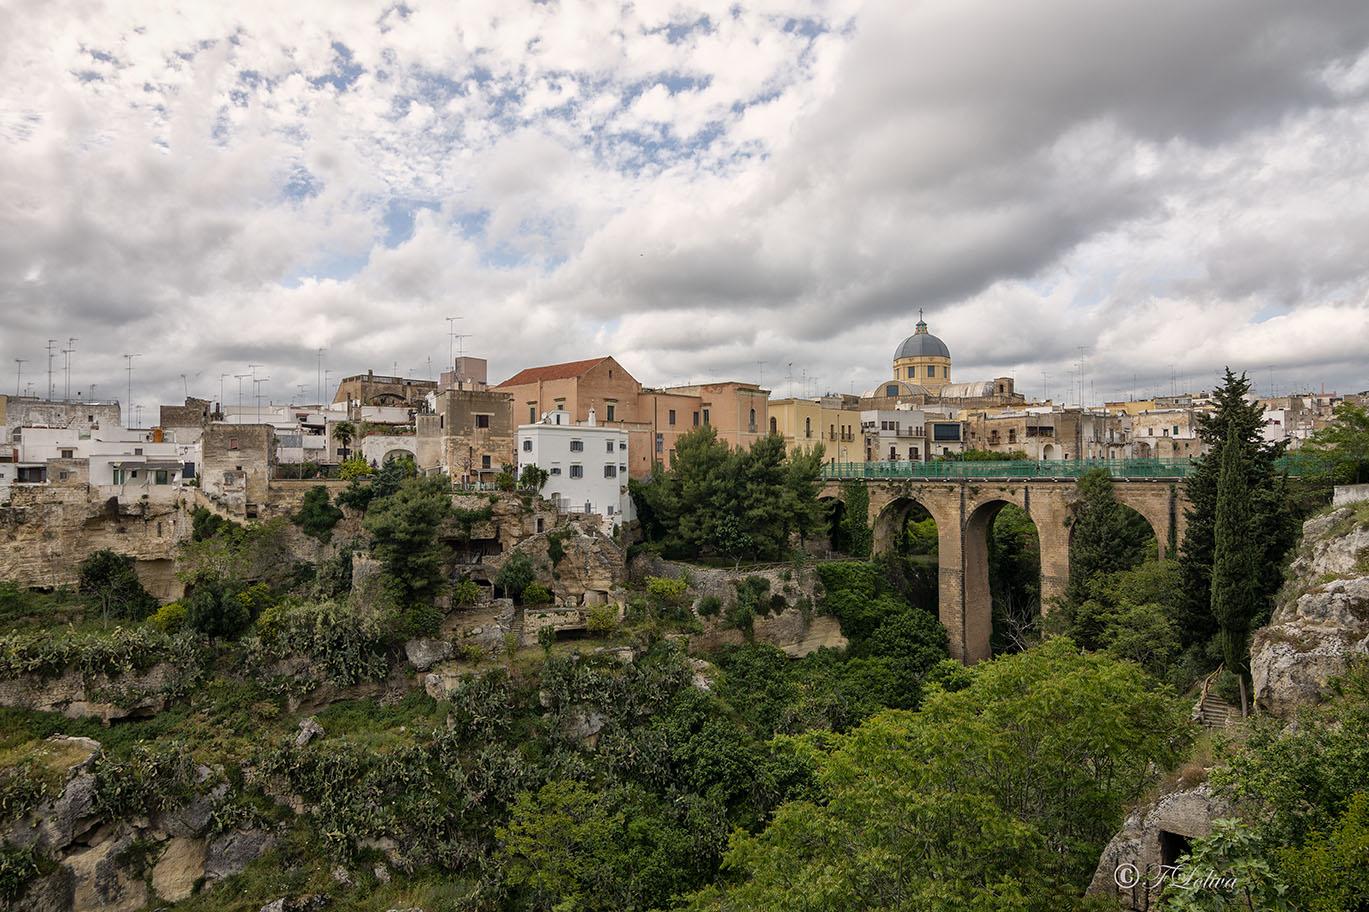 LA GRAVINA DI SAN MARCO - La Gravina di S. Marco divide il borgo antico detto terra caratterizzato da strette vie, dall'ottocentesco Borgo Santa Caterina. La gravina deve il suo nome all'omonima cripta risalente al VI secolo.